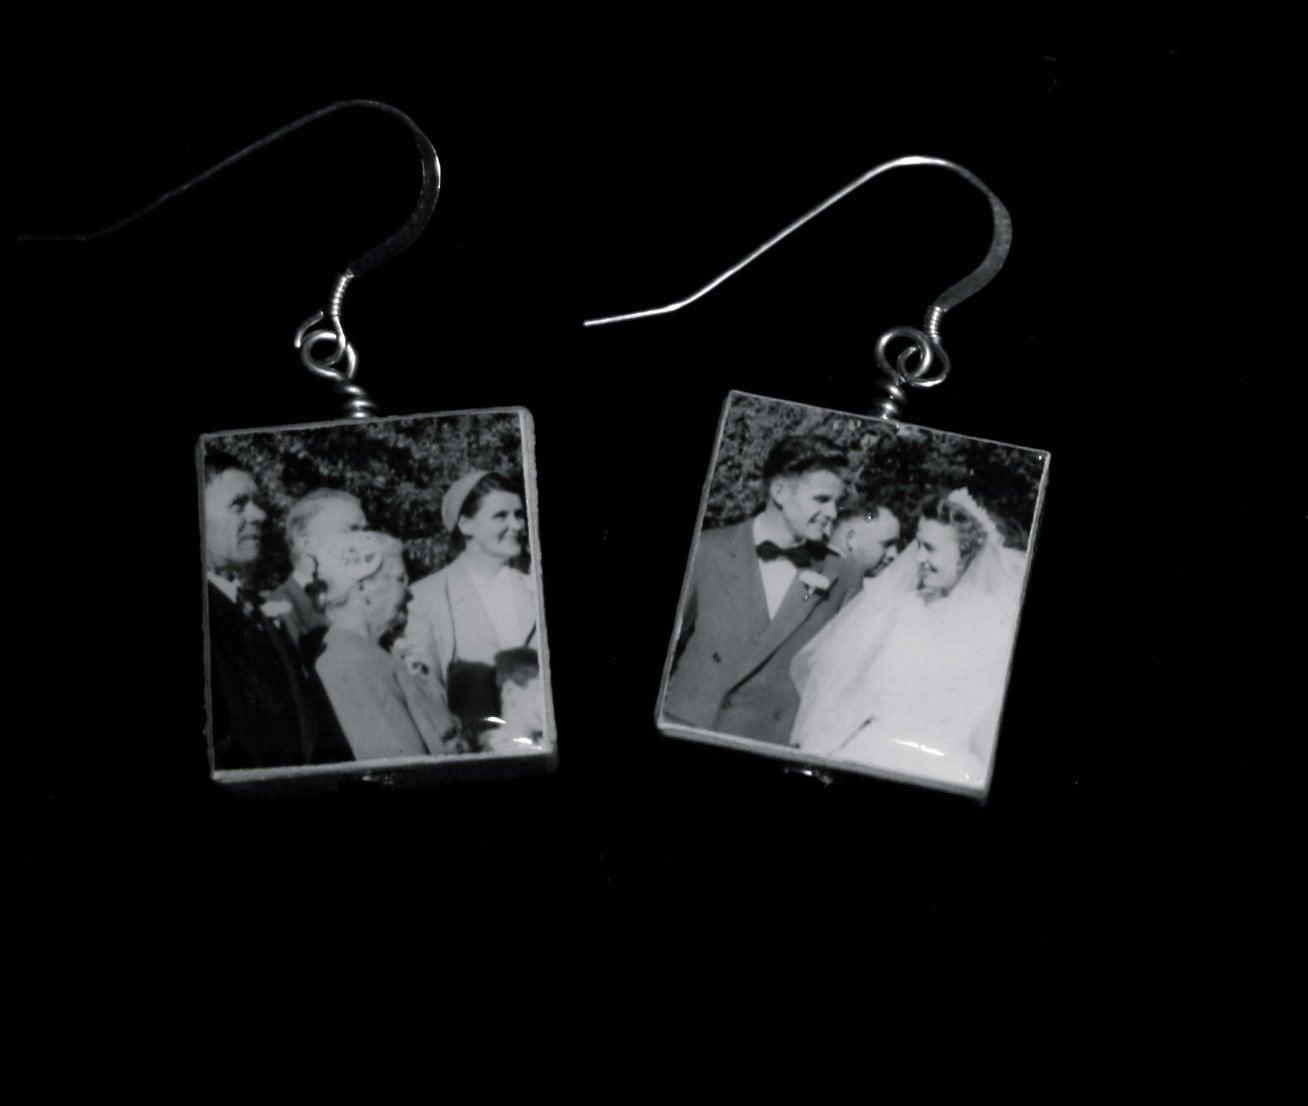 Vintage Wedding Photo Bride and Groom Scrabble Tile Earrings